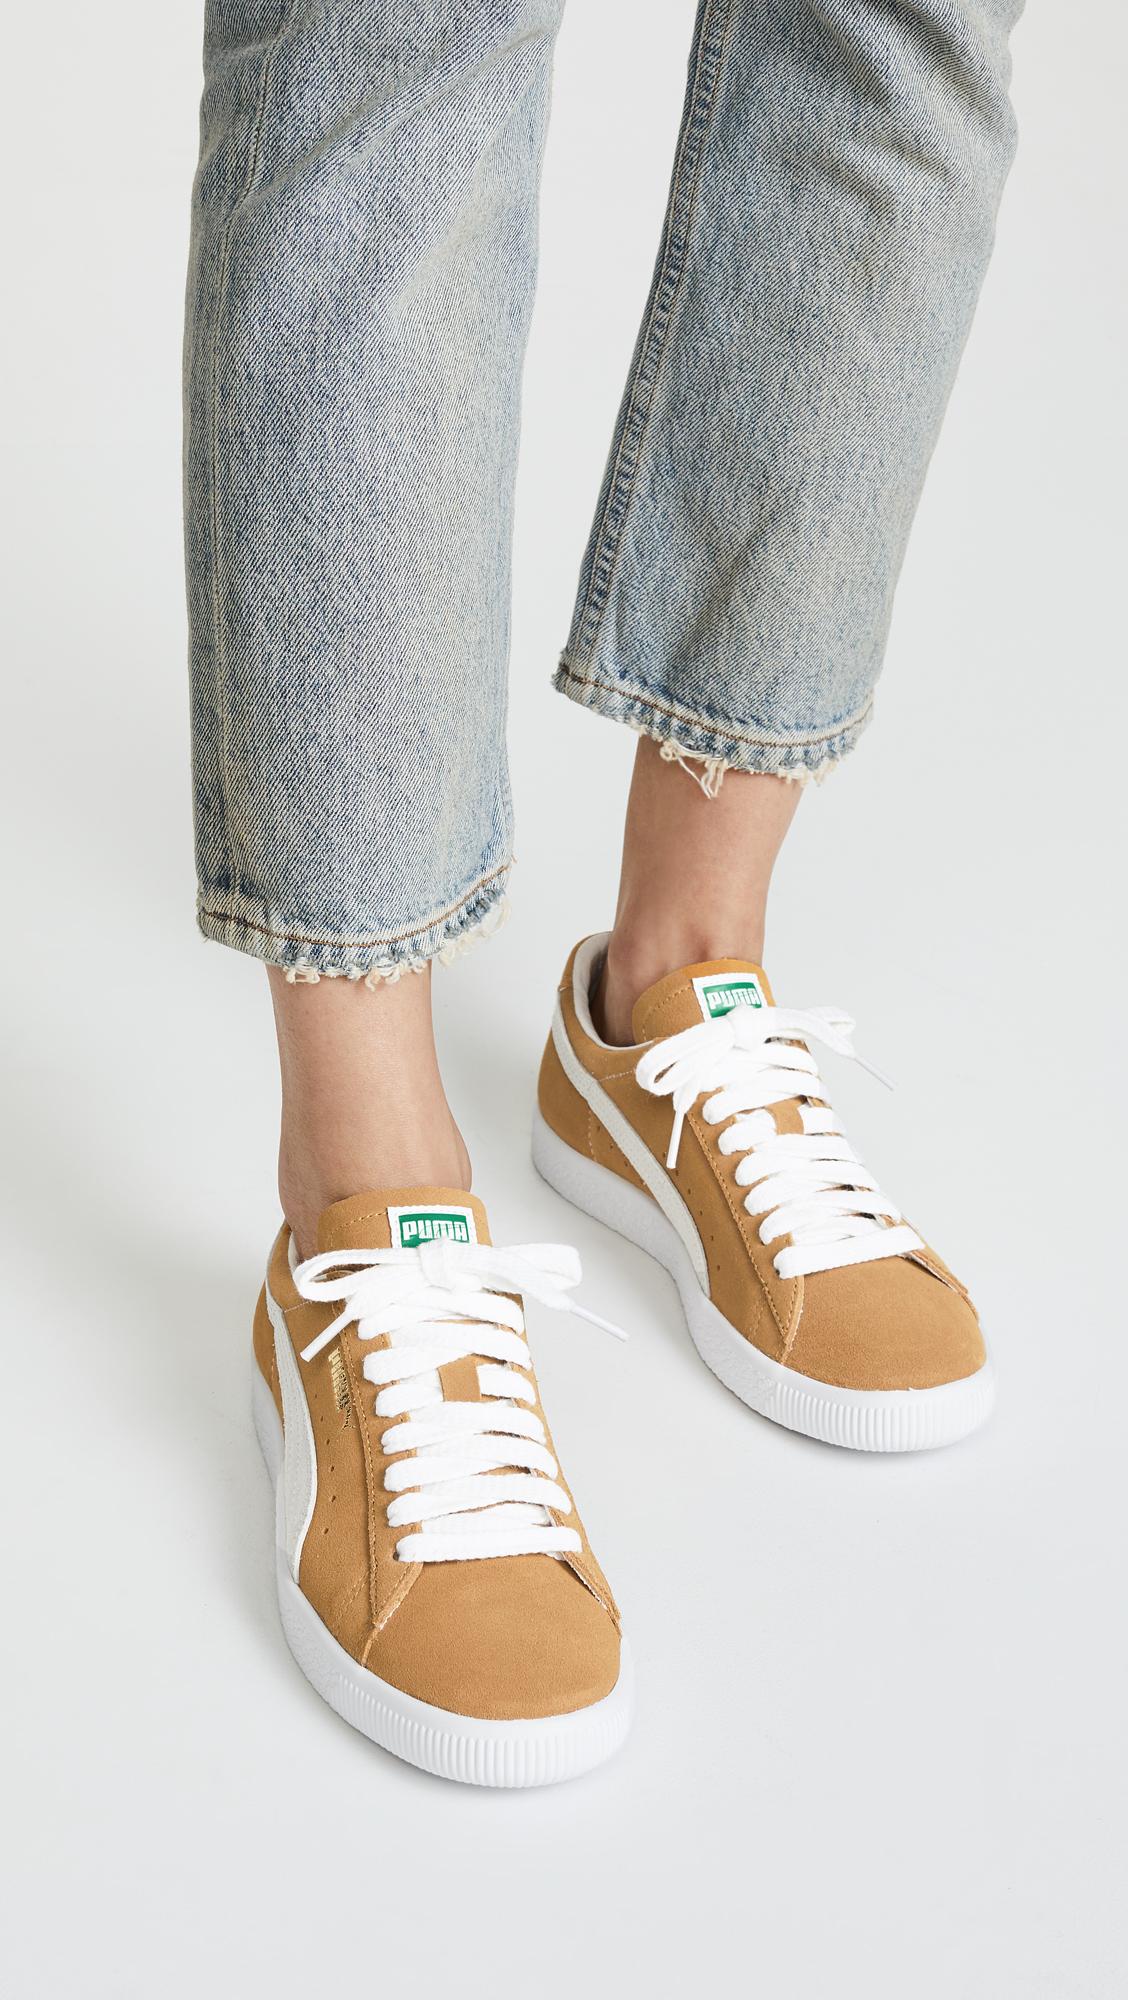 cc6876fb62b PUMA Suede 90681 Sneakers